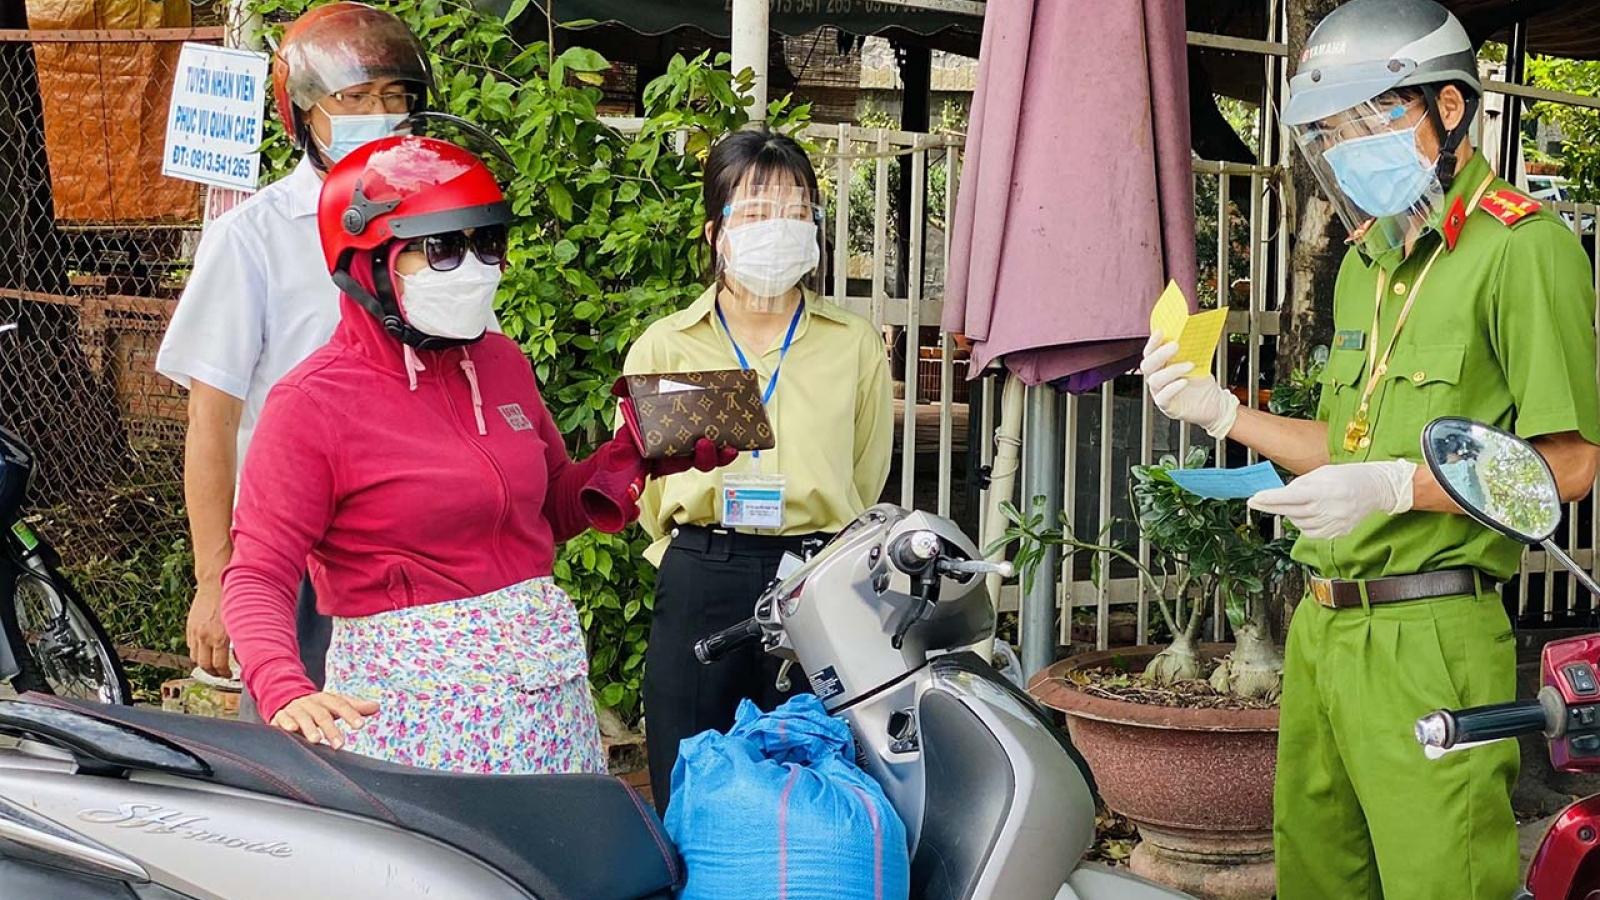 Xử phạt hơn 400 trường hợp ở Tây Ninh khi ra đường không cần thiết